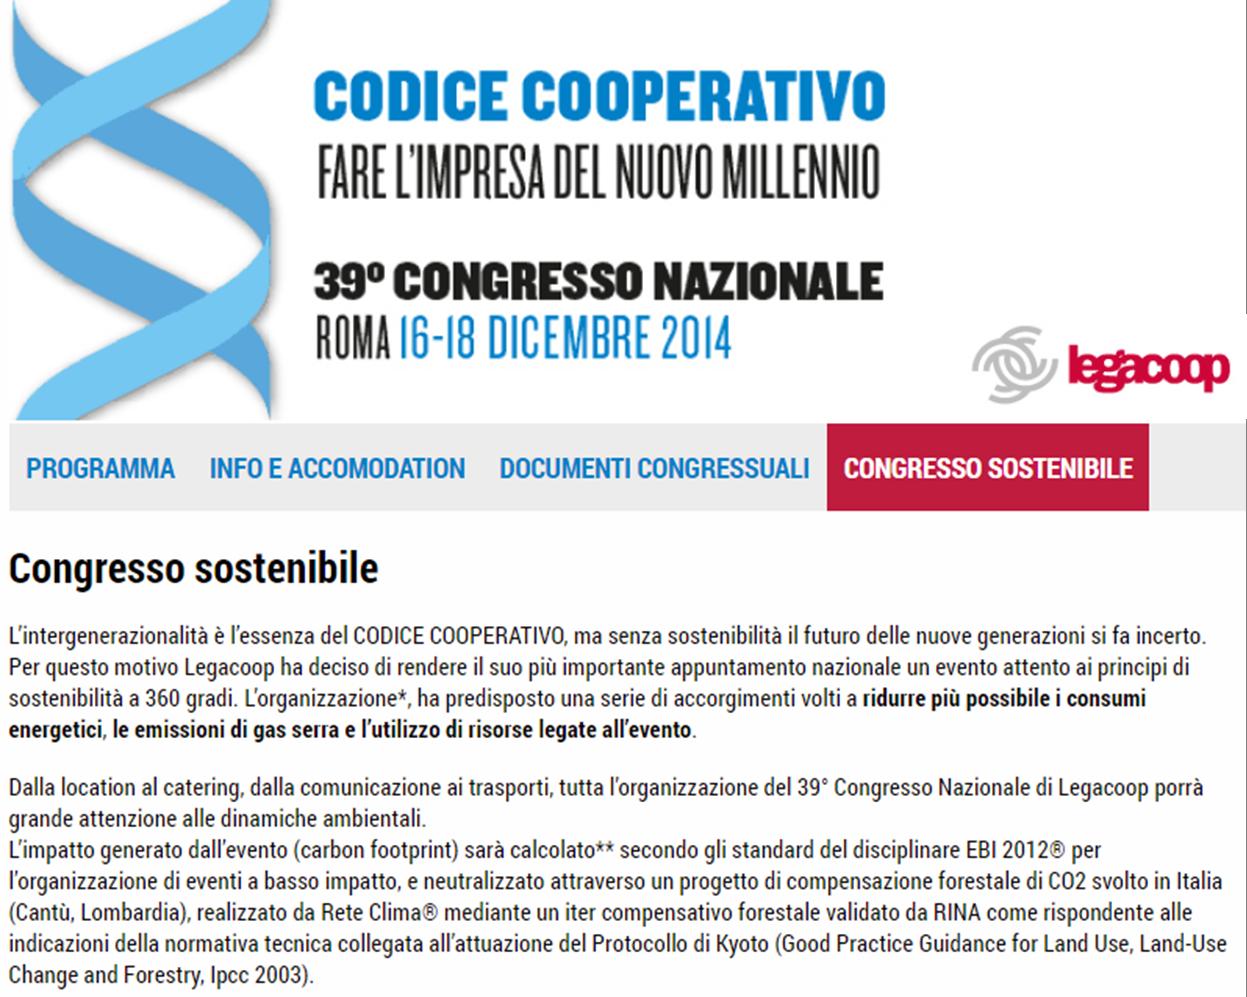 congresso_sostenibile